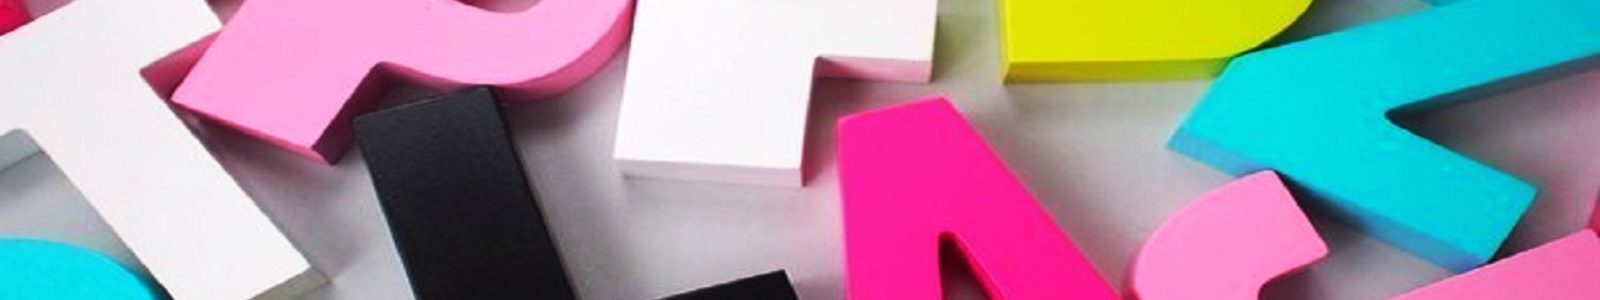 Секрет эффектного и яркого декора на вечеринке в честь именинника: трехмерные цифры и буквы из пенопласта